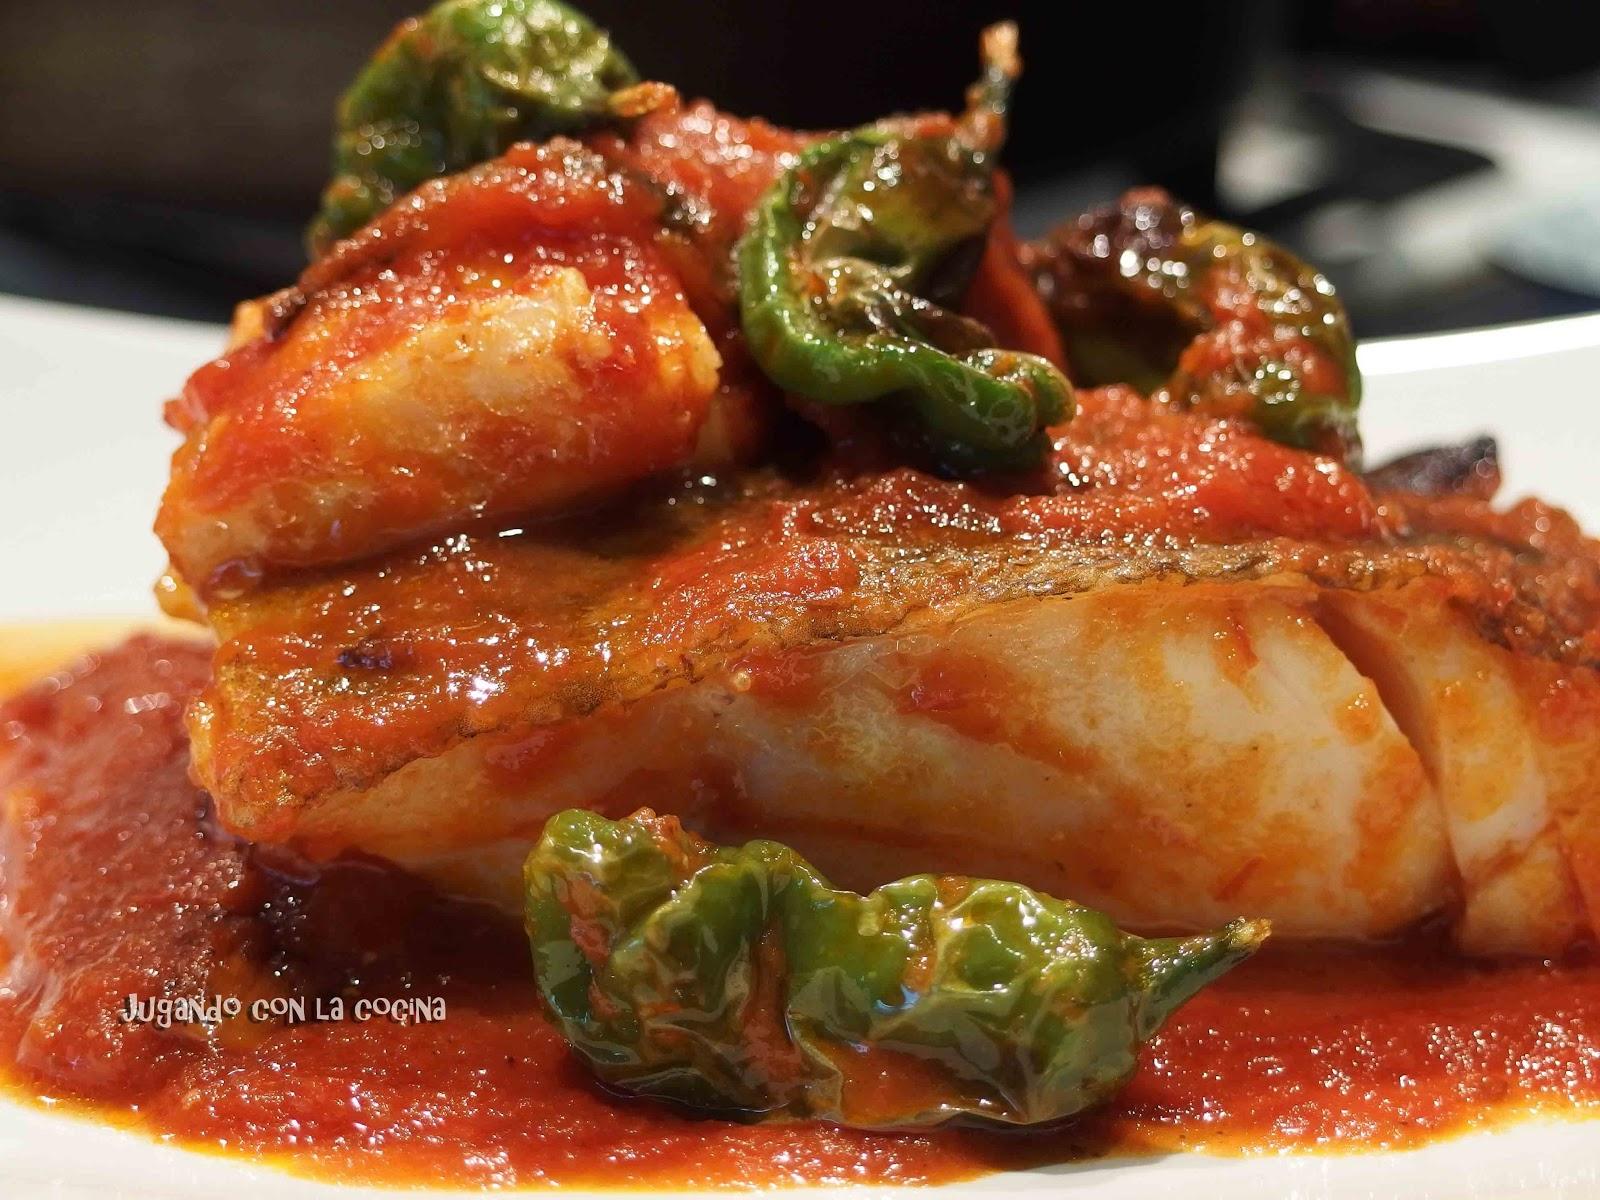 Jugando con la cocina bacalao con tomate y pimientos de - Bacalao fresco con tomate ...